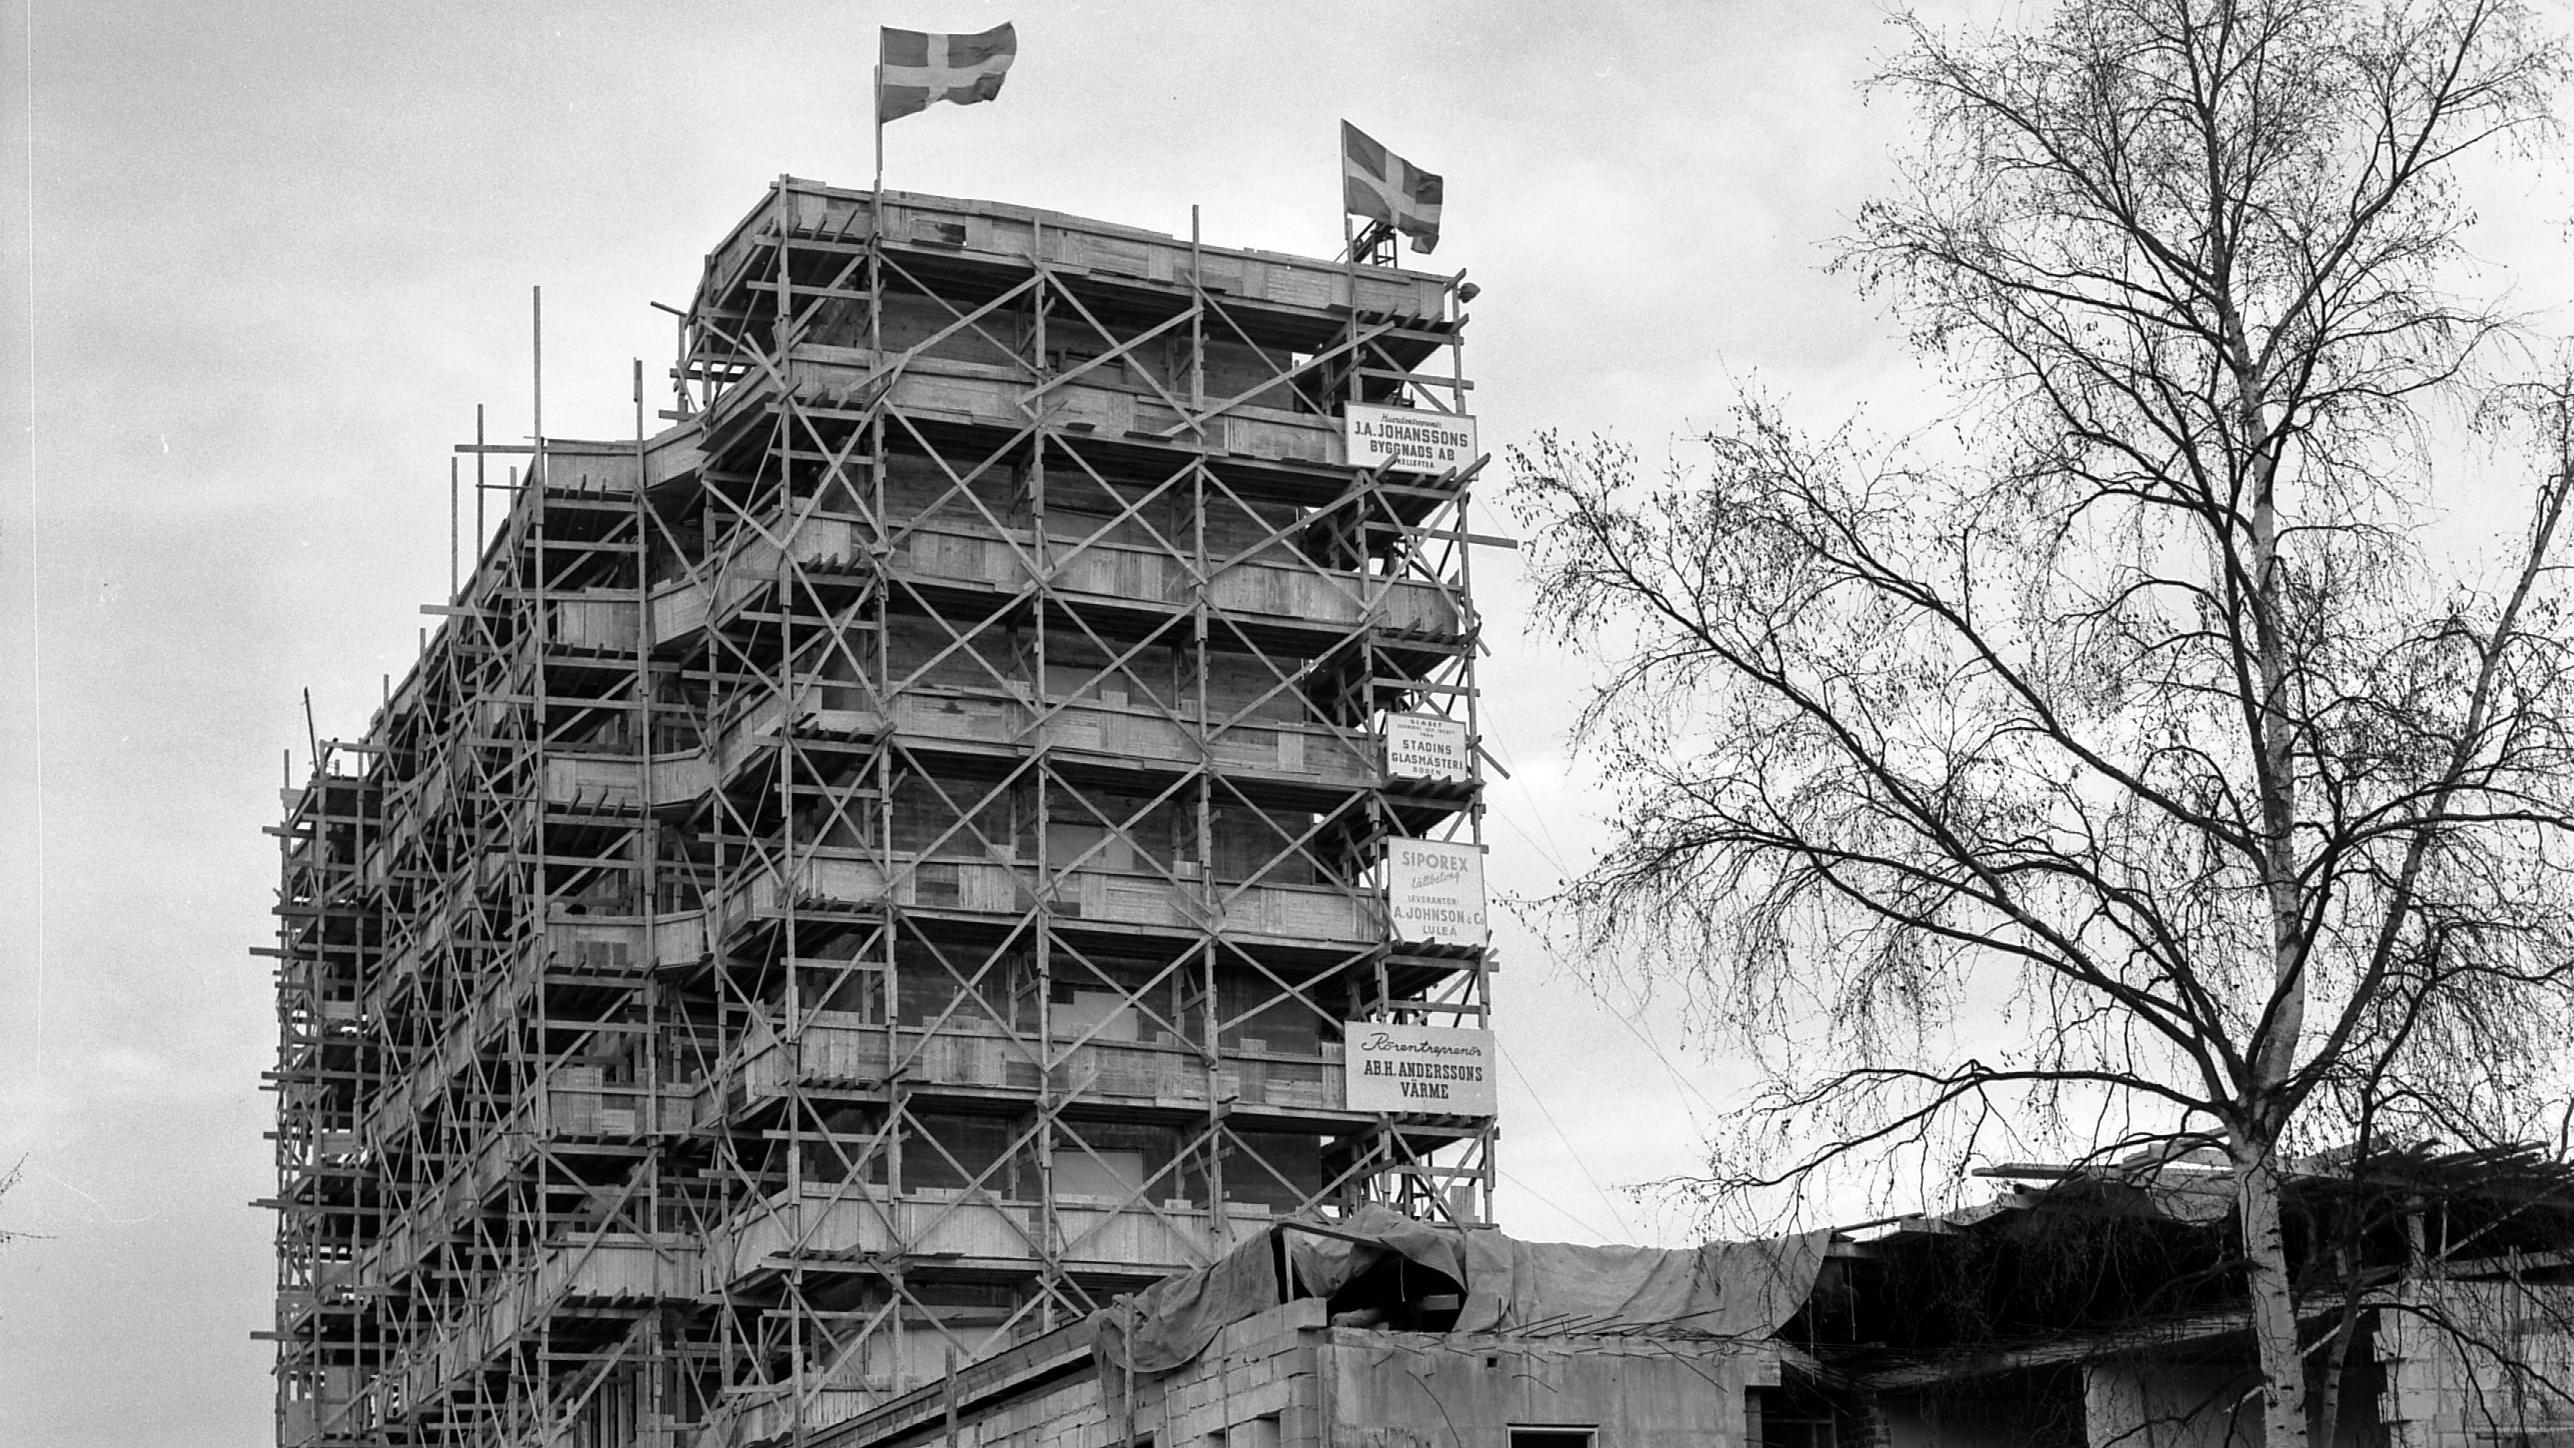 Krönika från Bodens kommun i Gratistidningen, vecka 44 2019